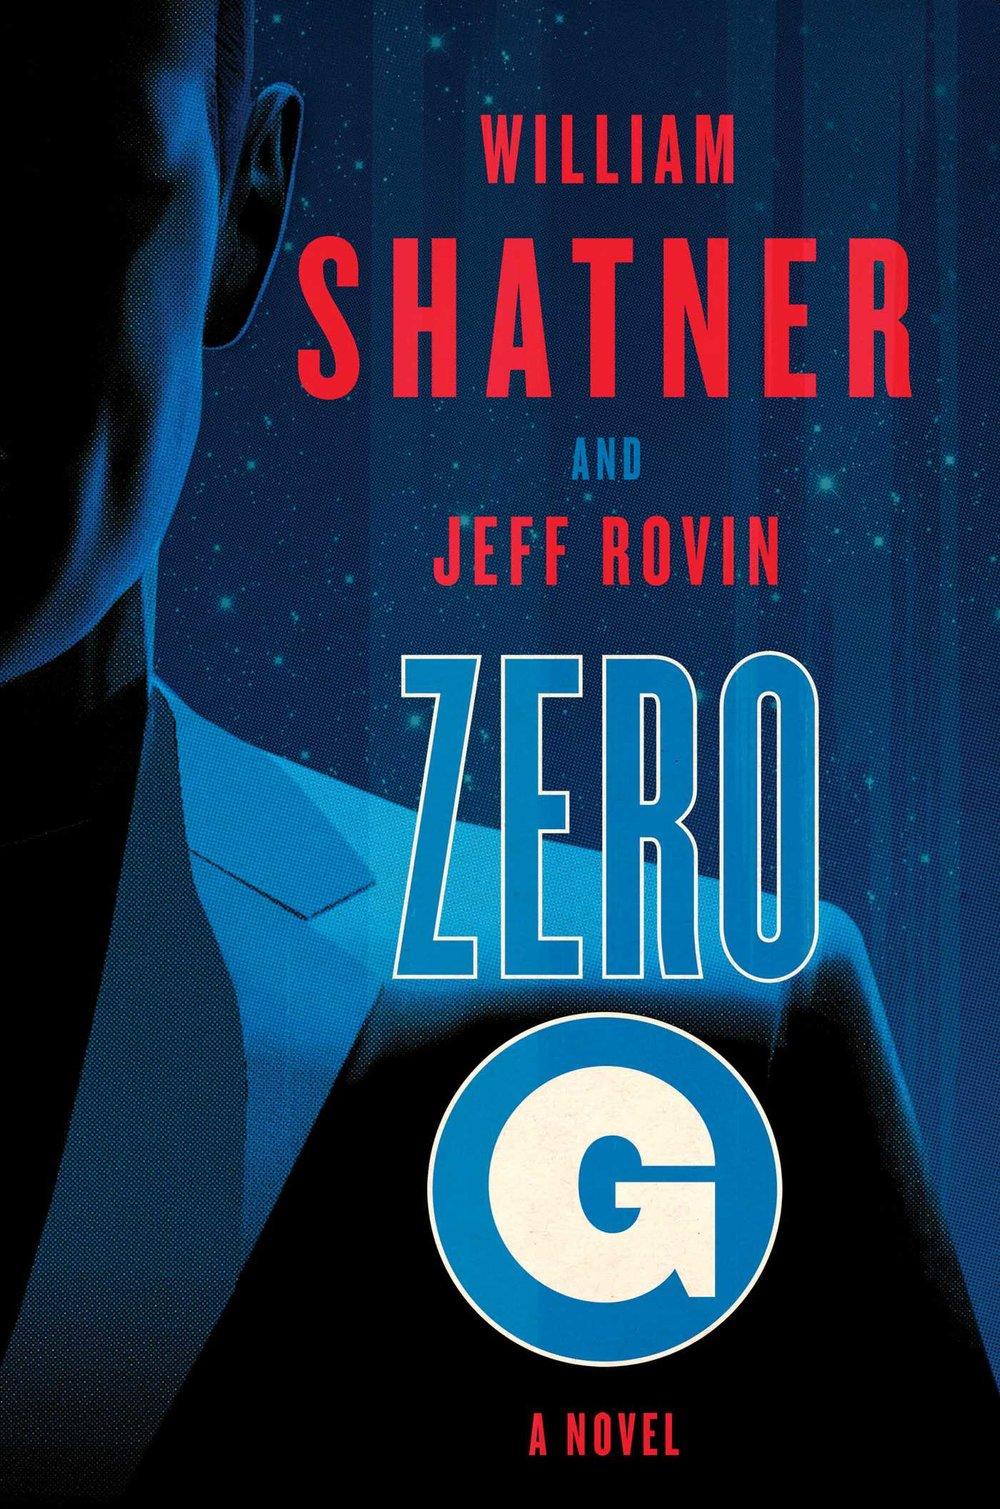 zero-g-book-1-9781501111556_hr.jpg